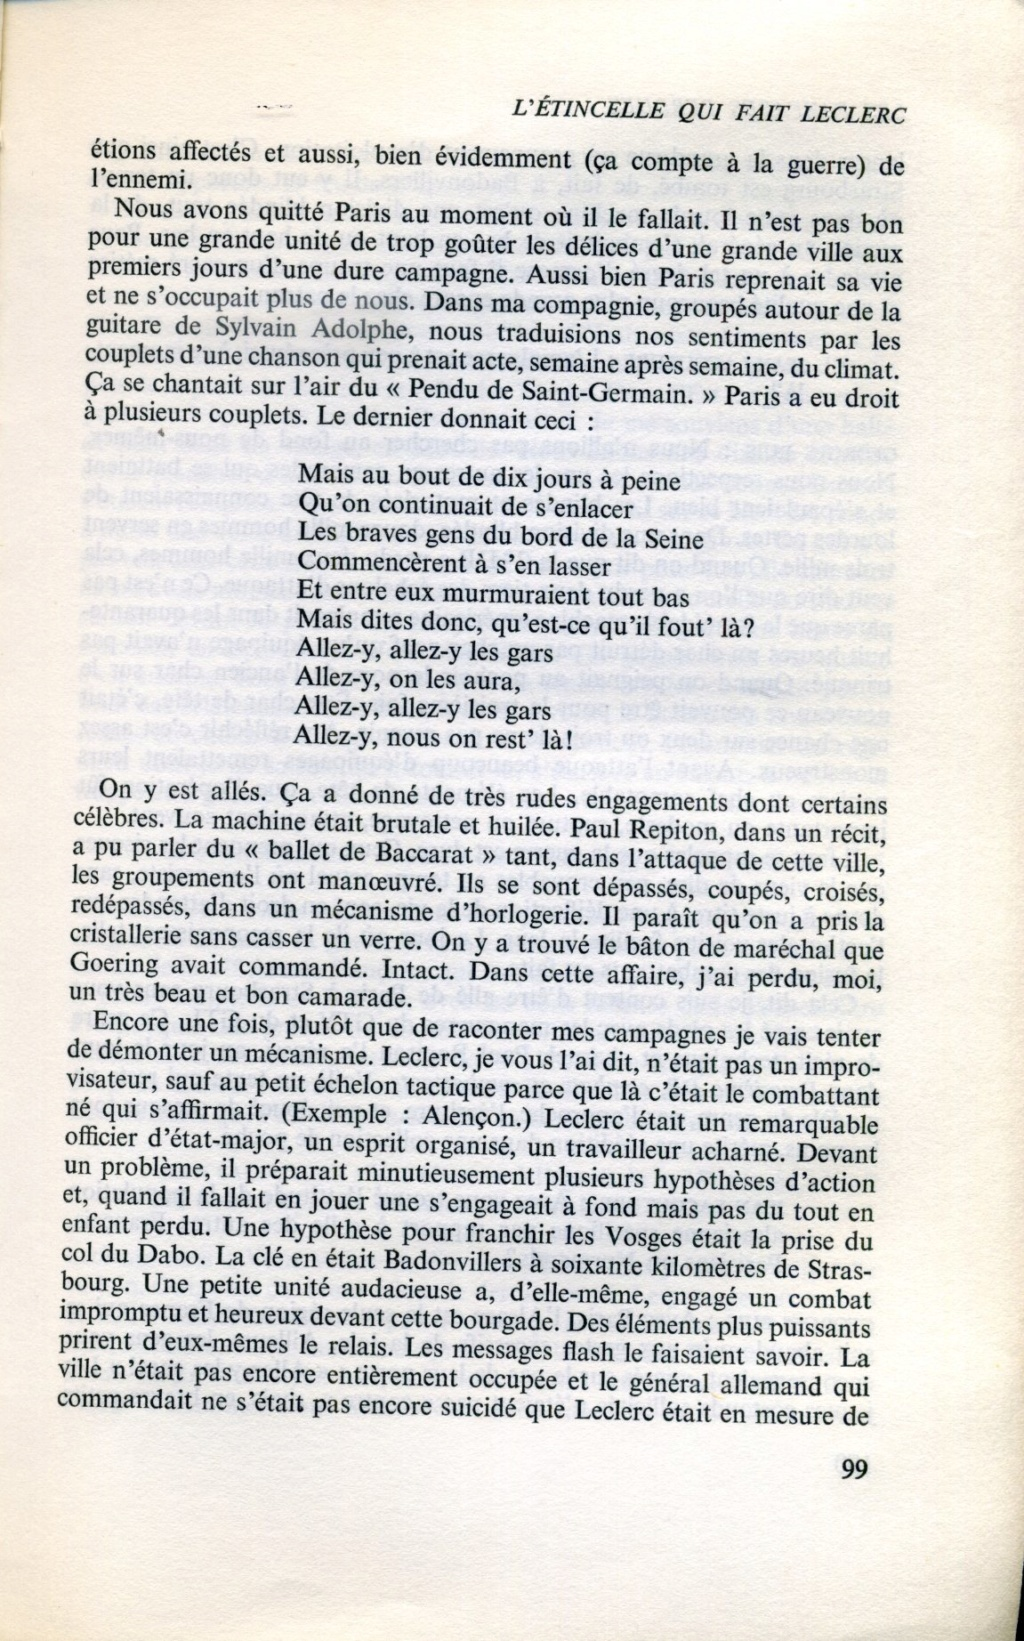 Georges Buis les fanfares perdues Les_fa34